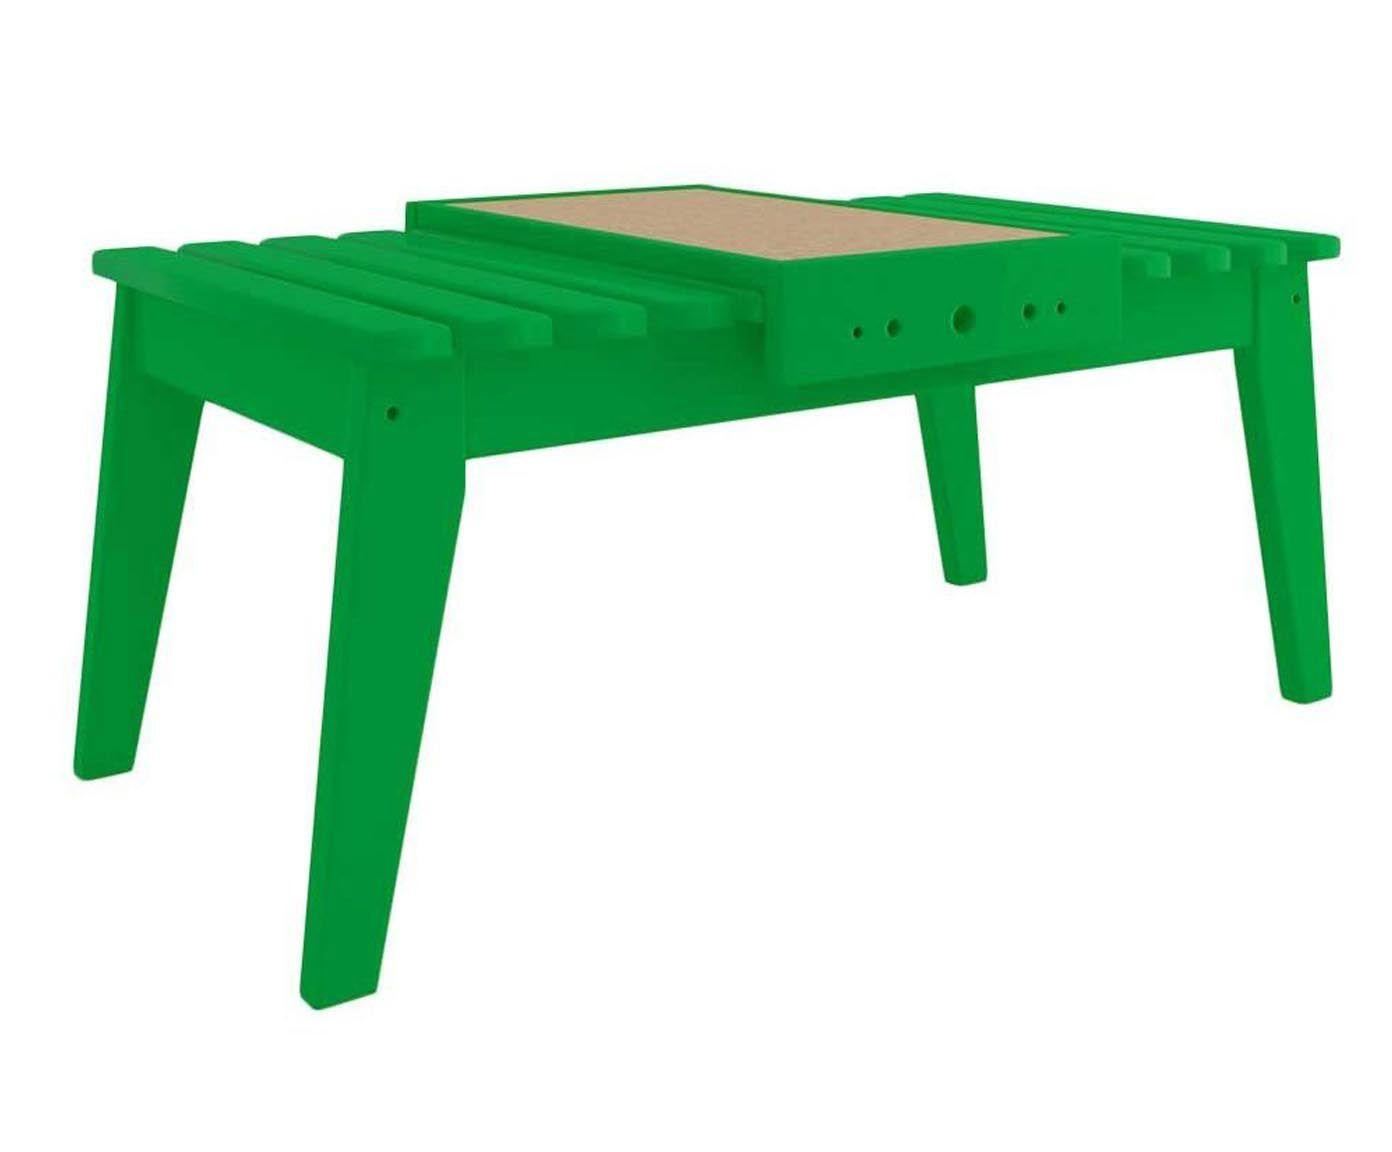 Mesa de centro new design energy - 95x50cm | Westwing.com.br